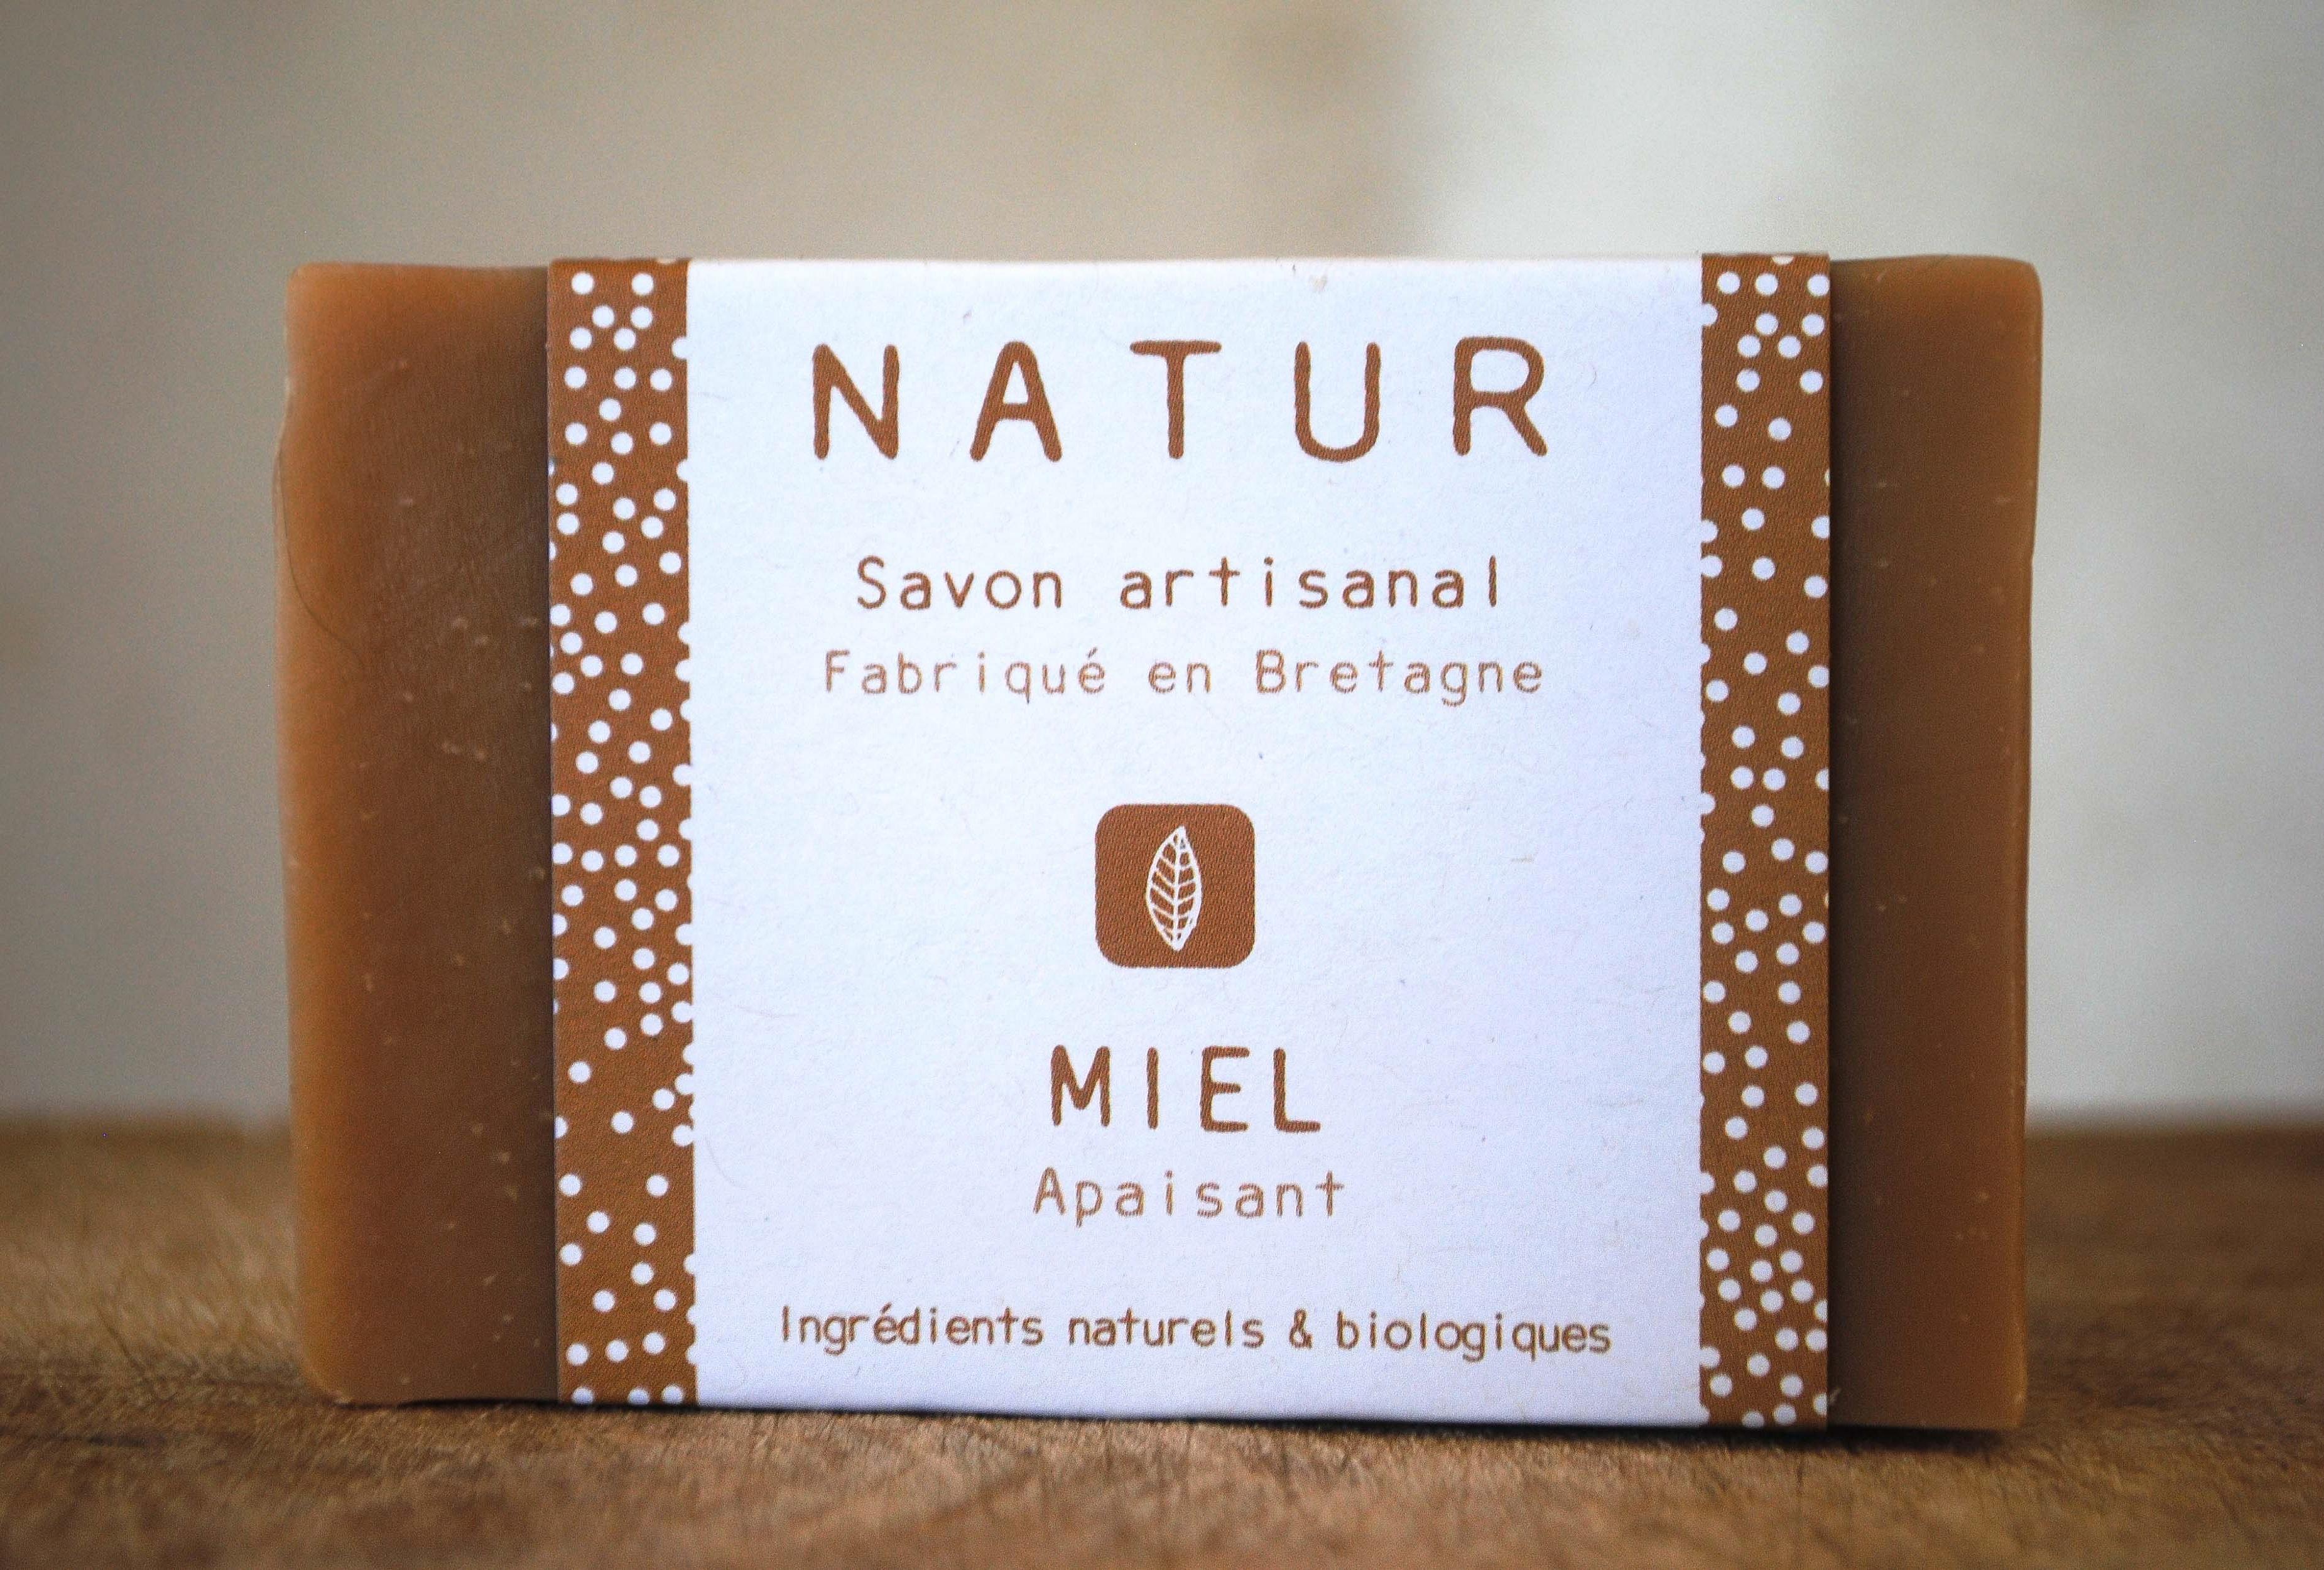 savon au miel et cire d'abeille sans huile essentielle saponification à froid saf savonnerie artisanale Bretagne Finistère